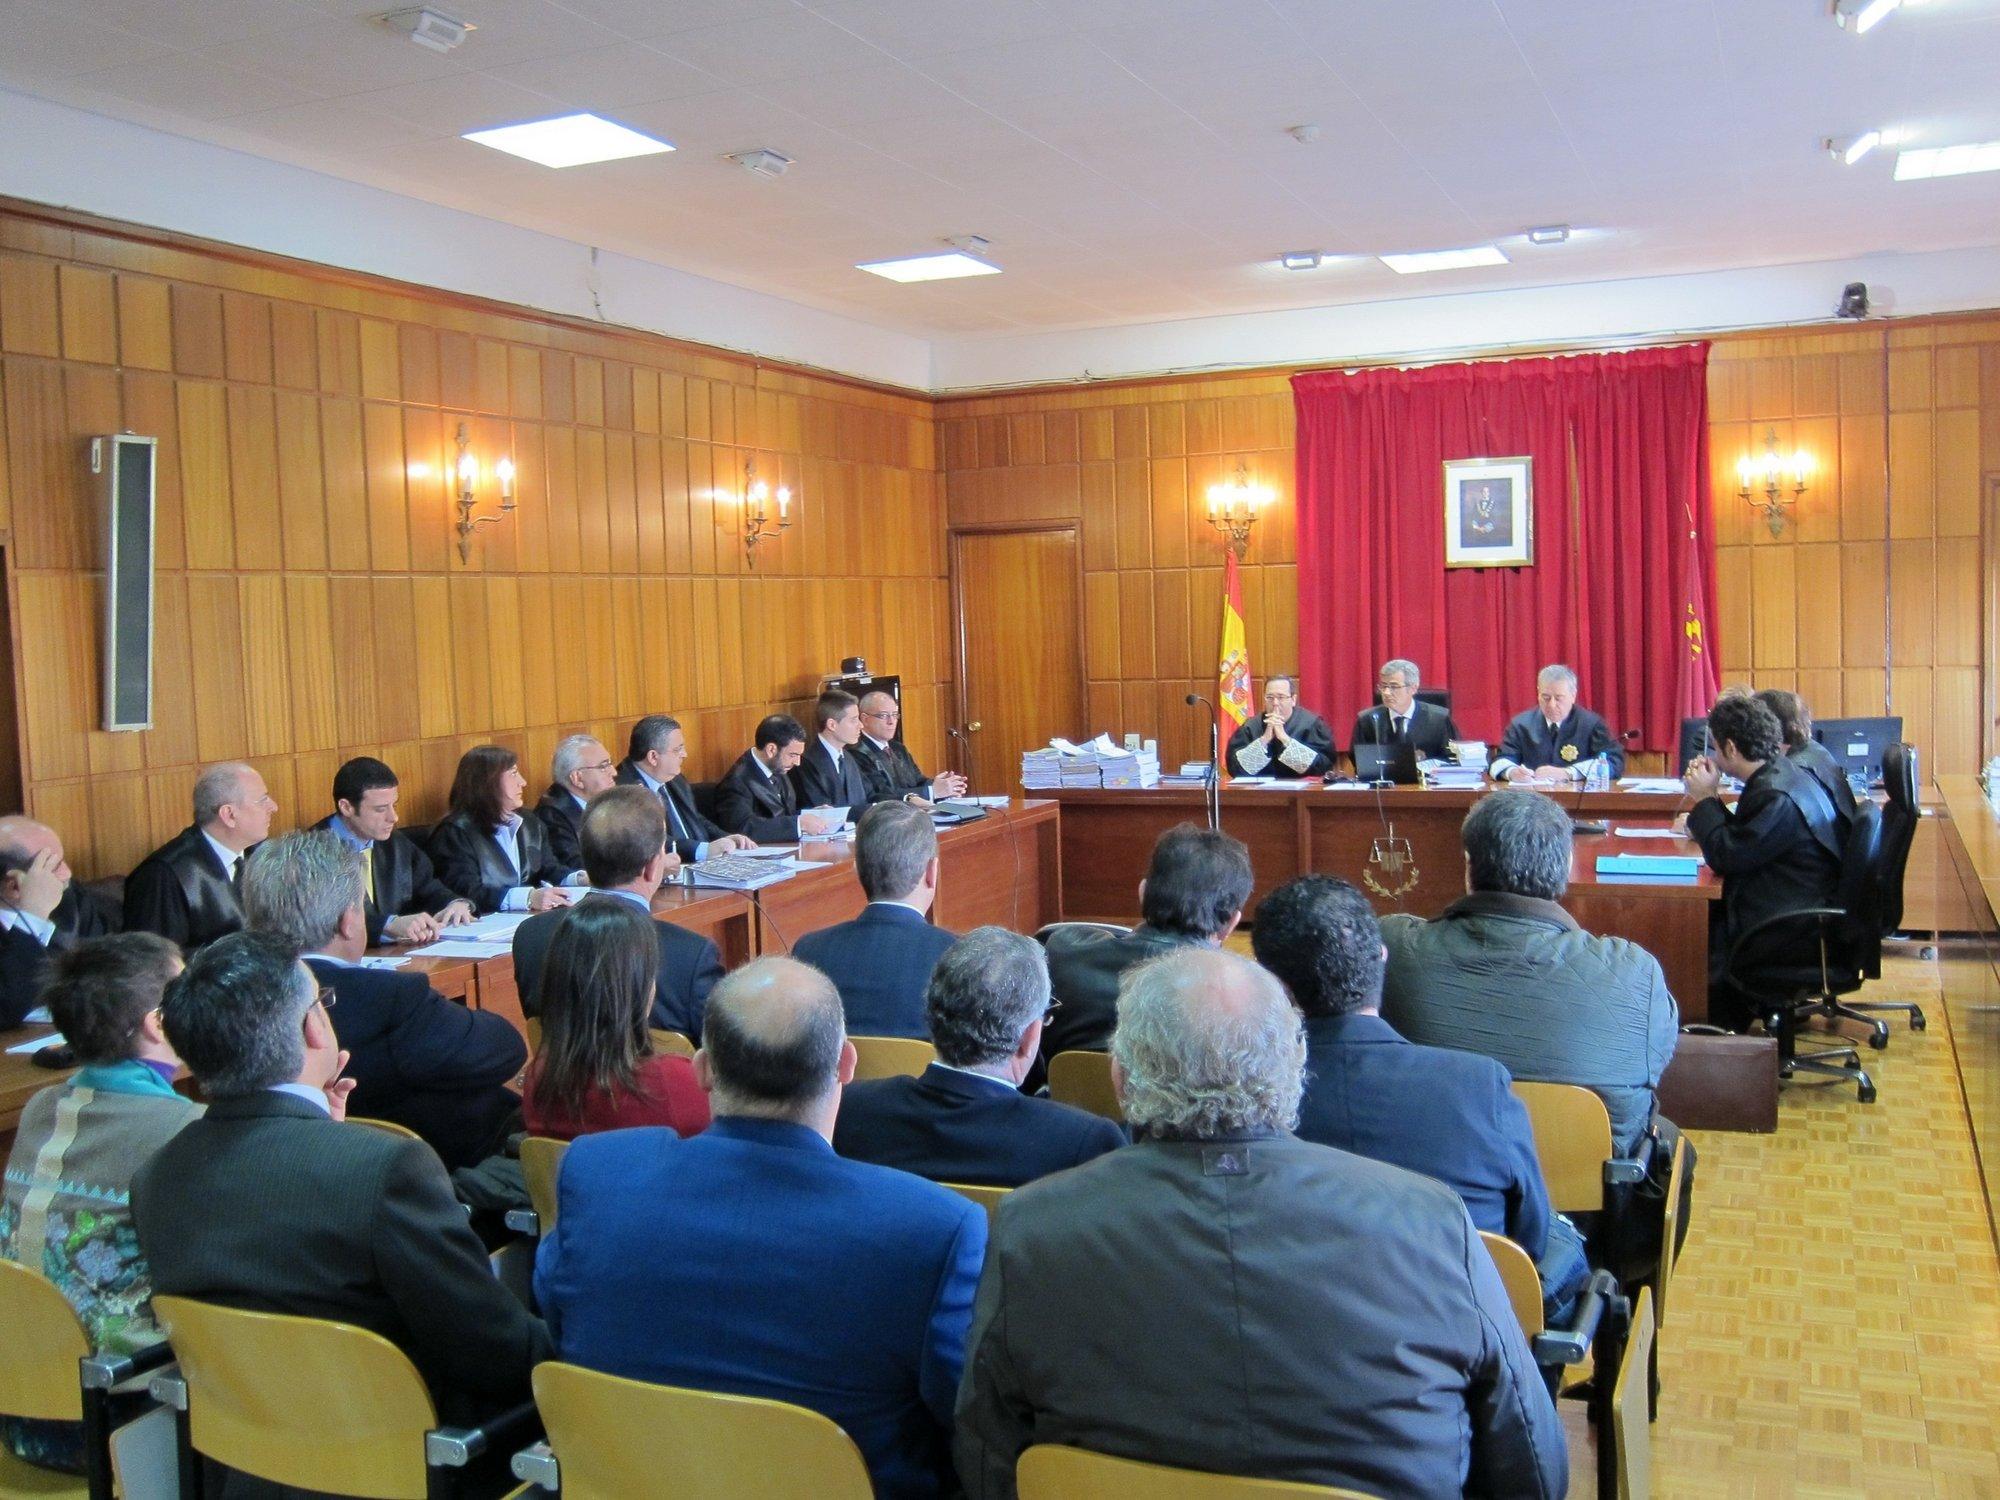 El excalde de Totana (Murcia), condenado a casi cinco años de prisión y una multa de ocho millones